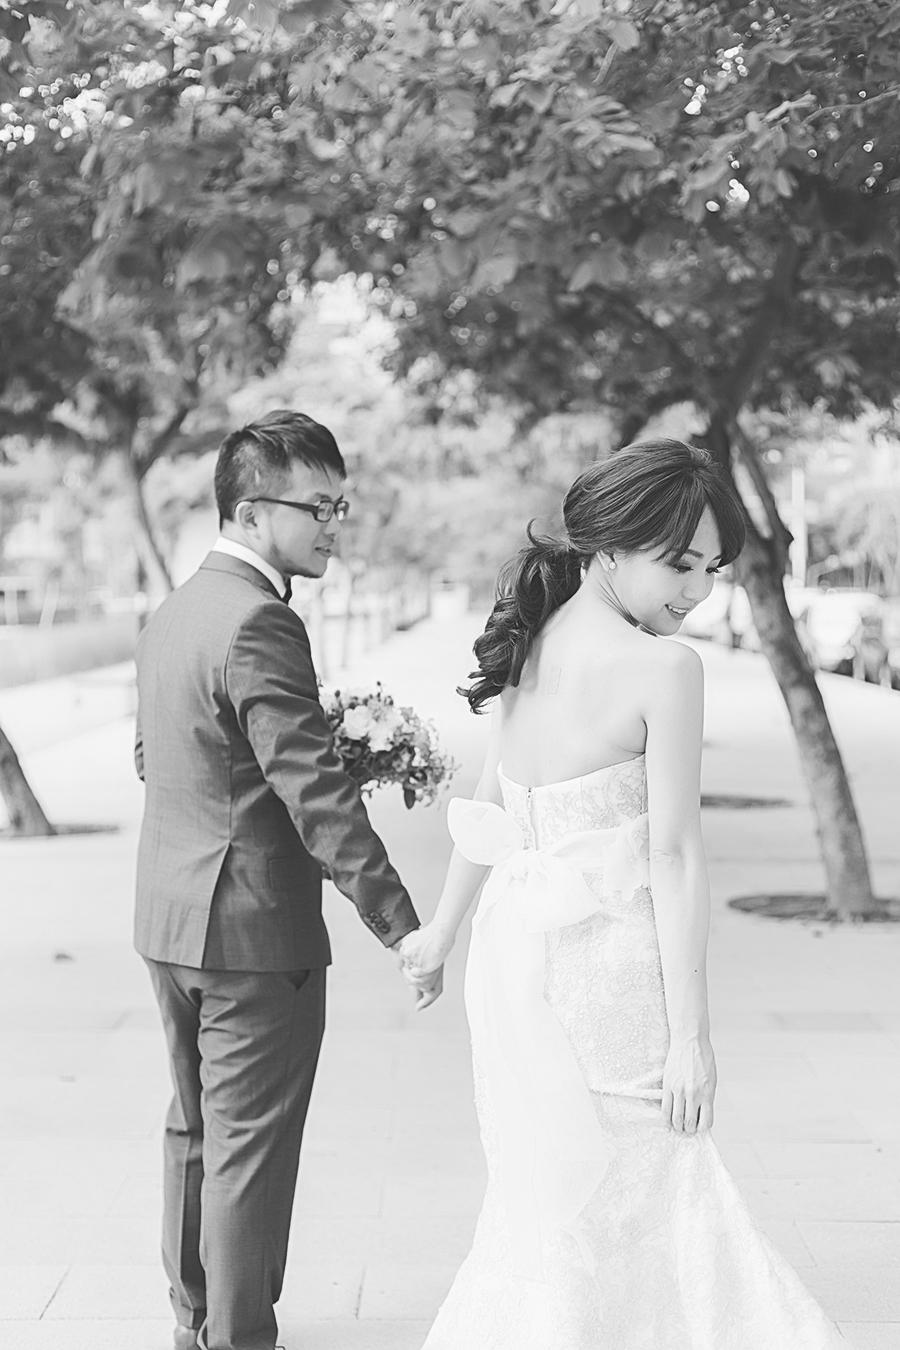 nickchang-finart-wedding-0730-41